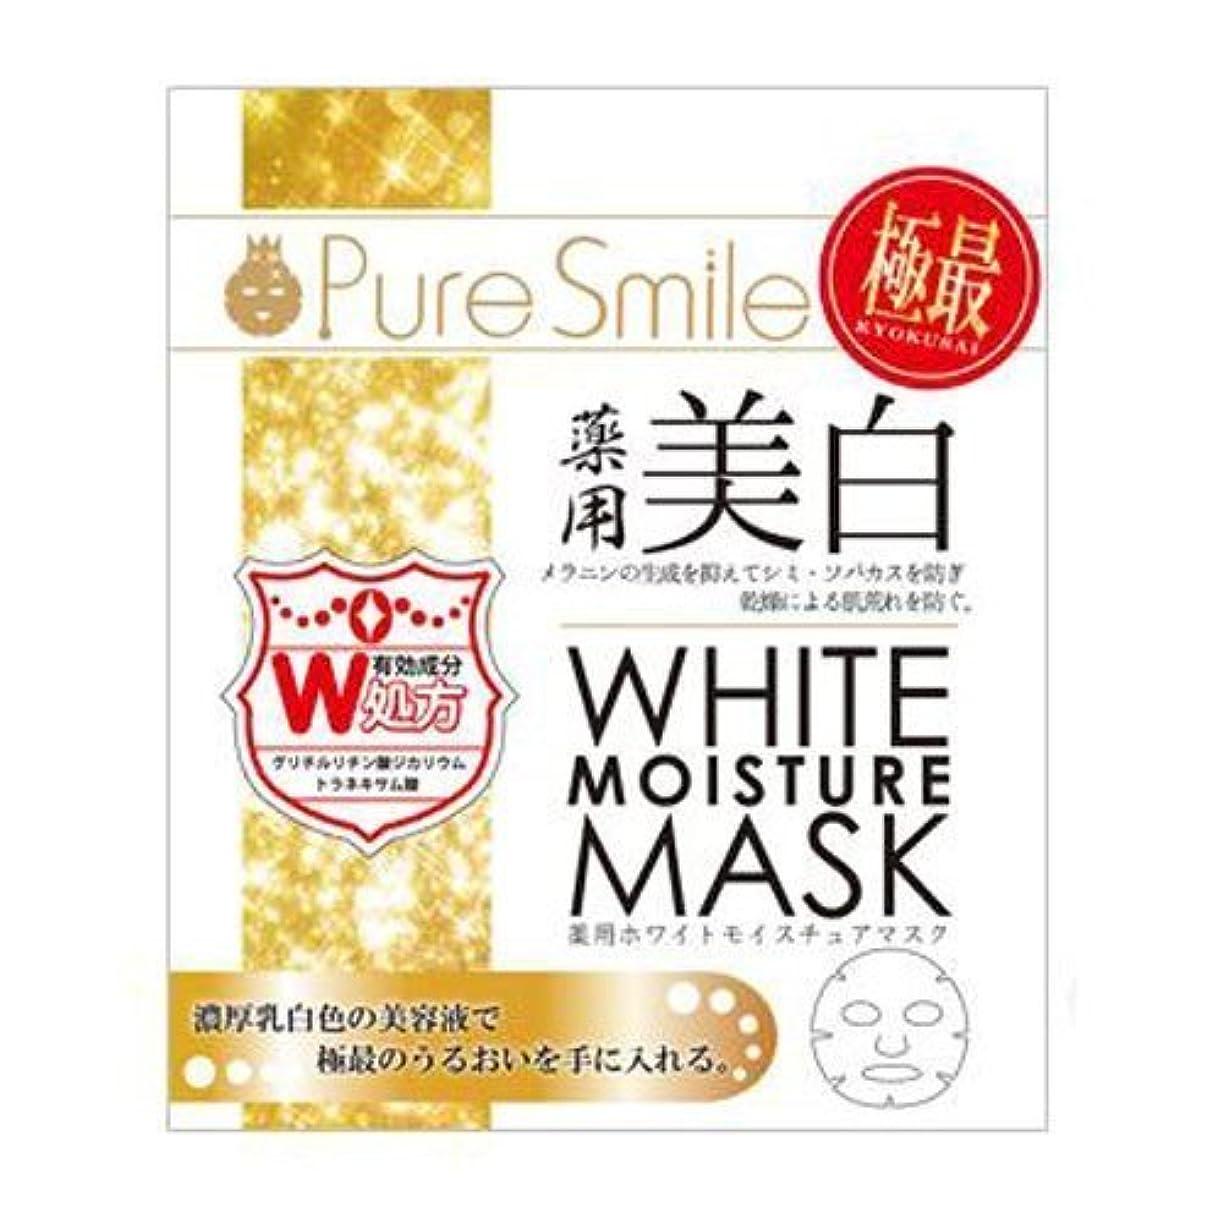 ジャニス本体バッテリーピュアスマイル エッセンスマスク 薬用ホワイトモイスチュアマスク